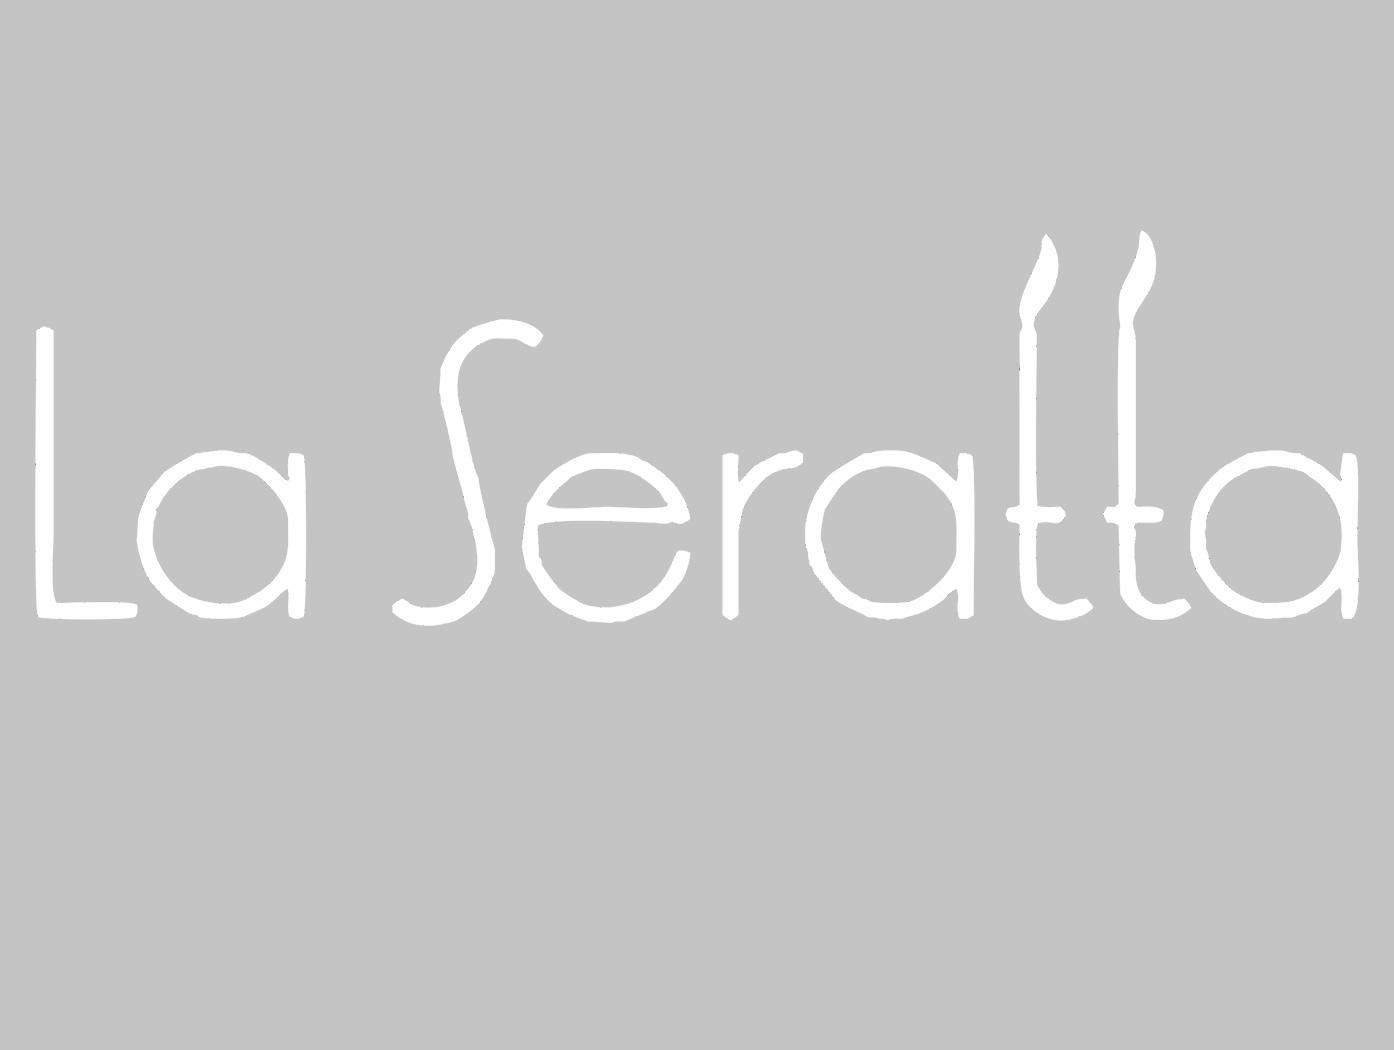 La seratta